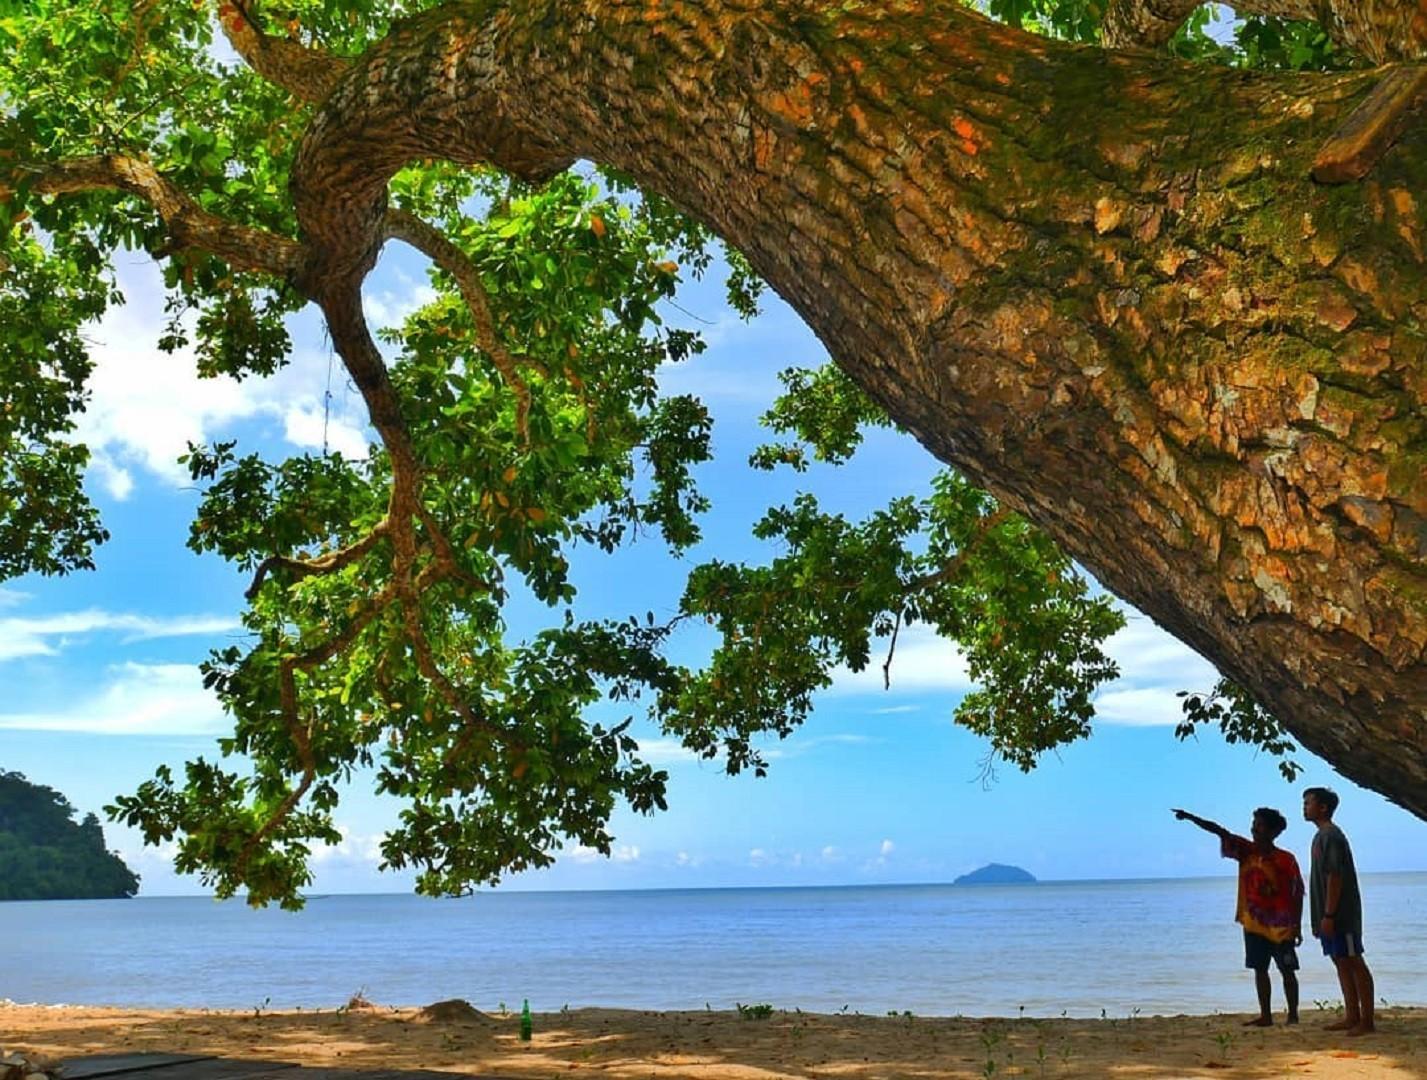 Pantai Pulau Datok Tiket Ragam Aktivitas Menarik April 2021 Travelspromo